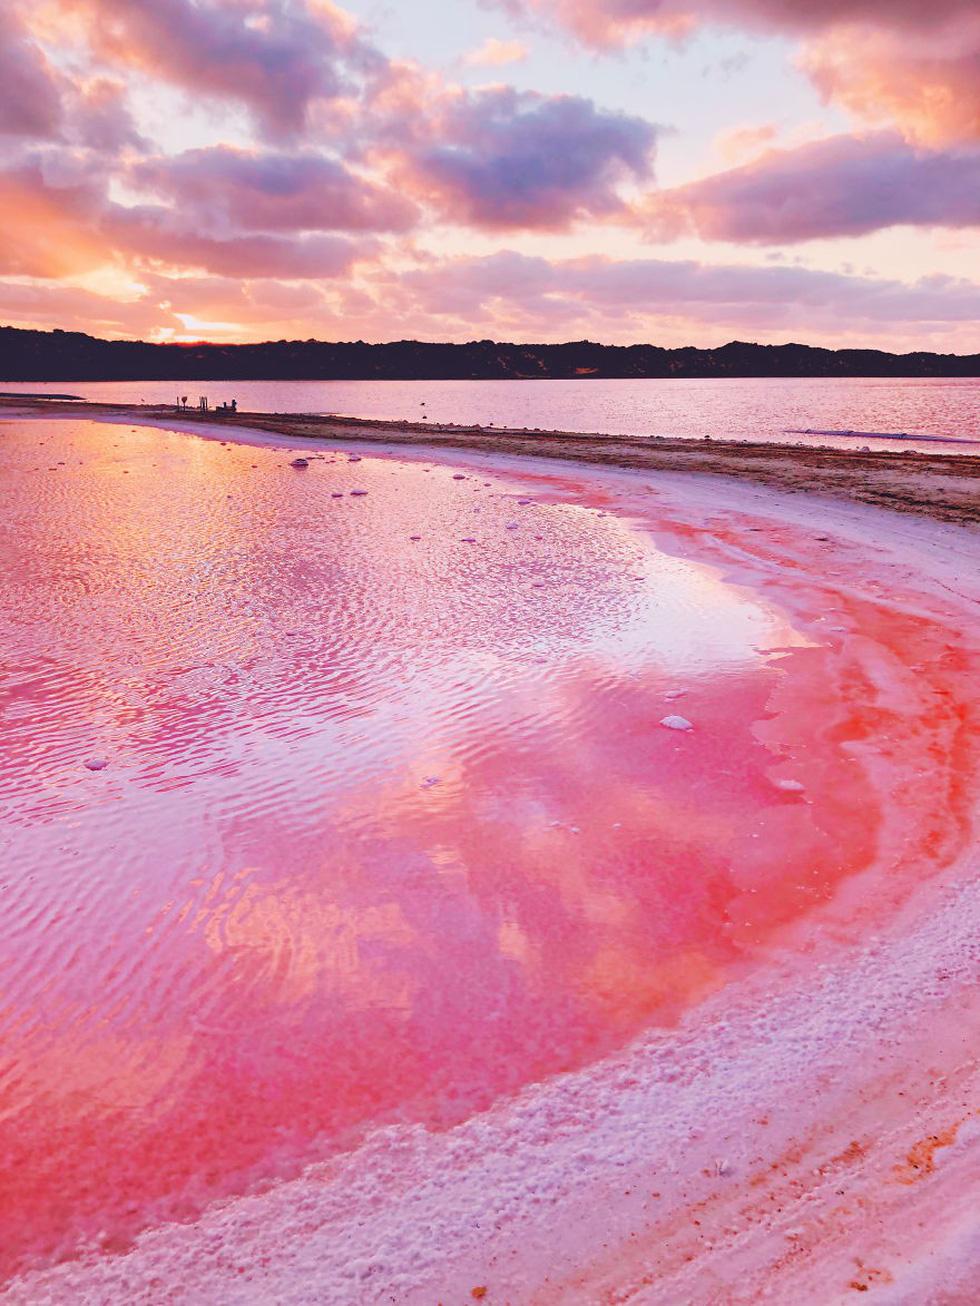 Kỳ lạ hồ nước màu hồng, đỏ, cam theo giờ - Ảnh 7.